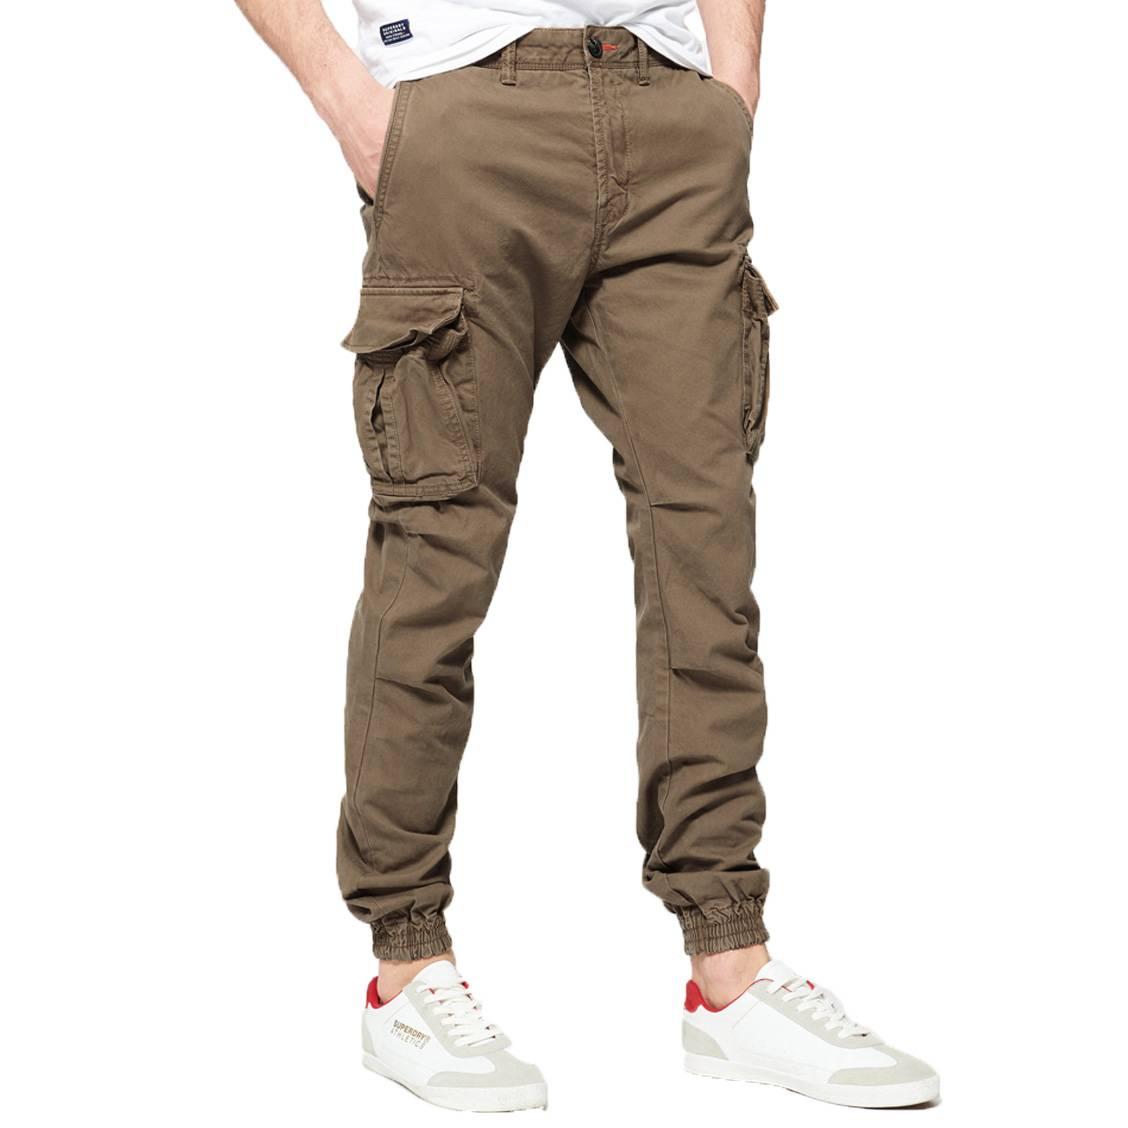 En Superdry KakiRue Hommes Pantalon Des Cargo Coton f6vYg7yb